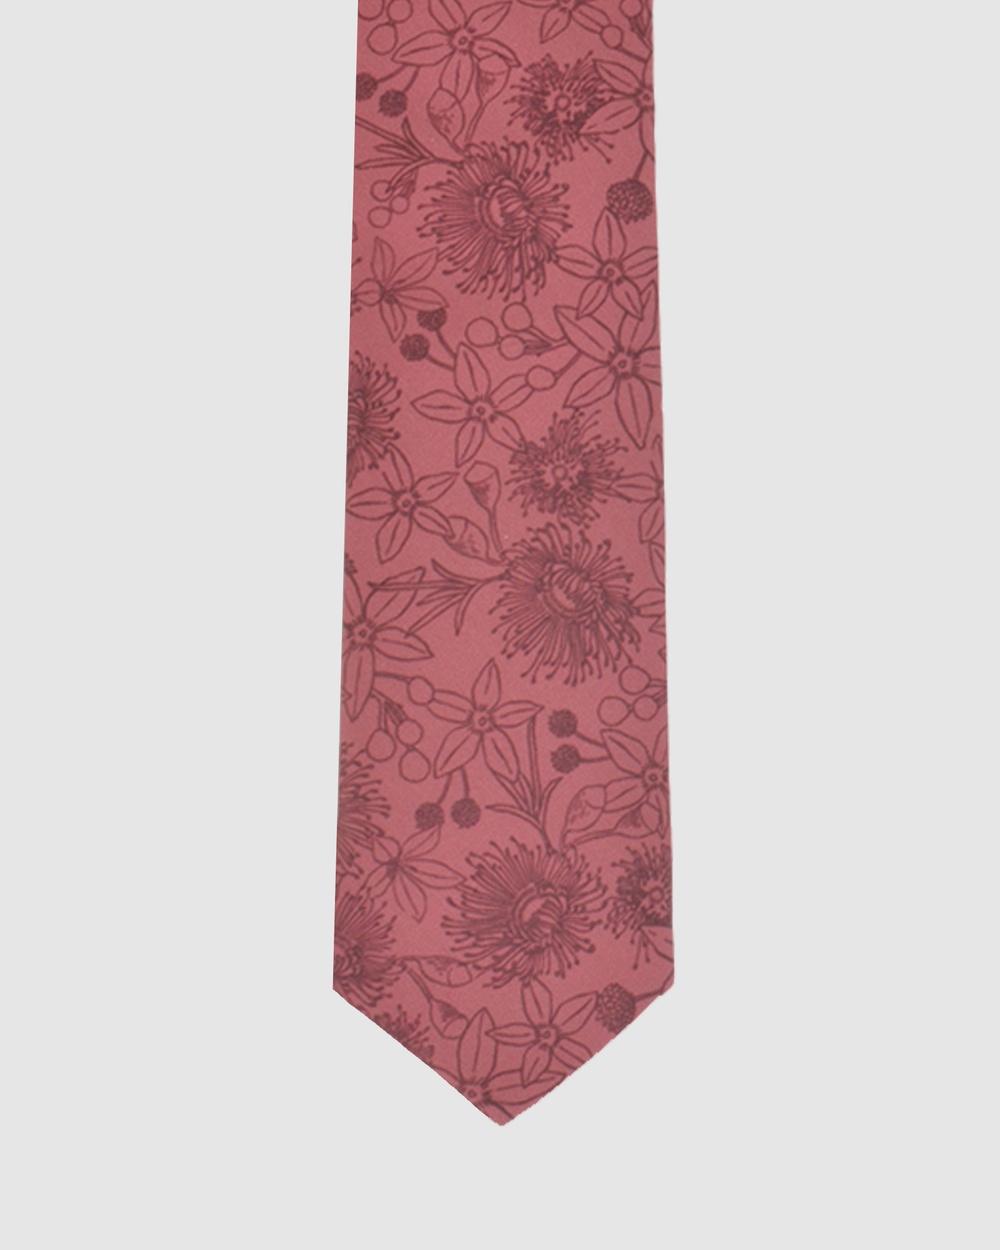 Peggy and Finn Wildflower Tie Ties Rose